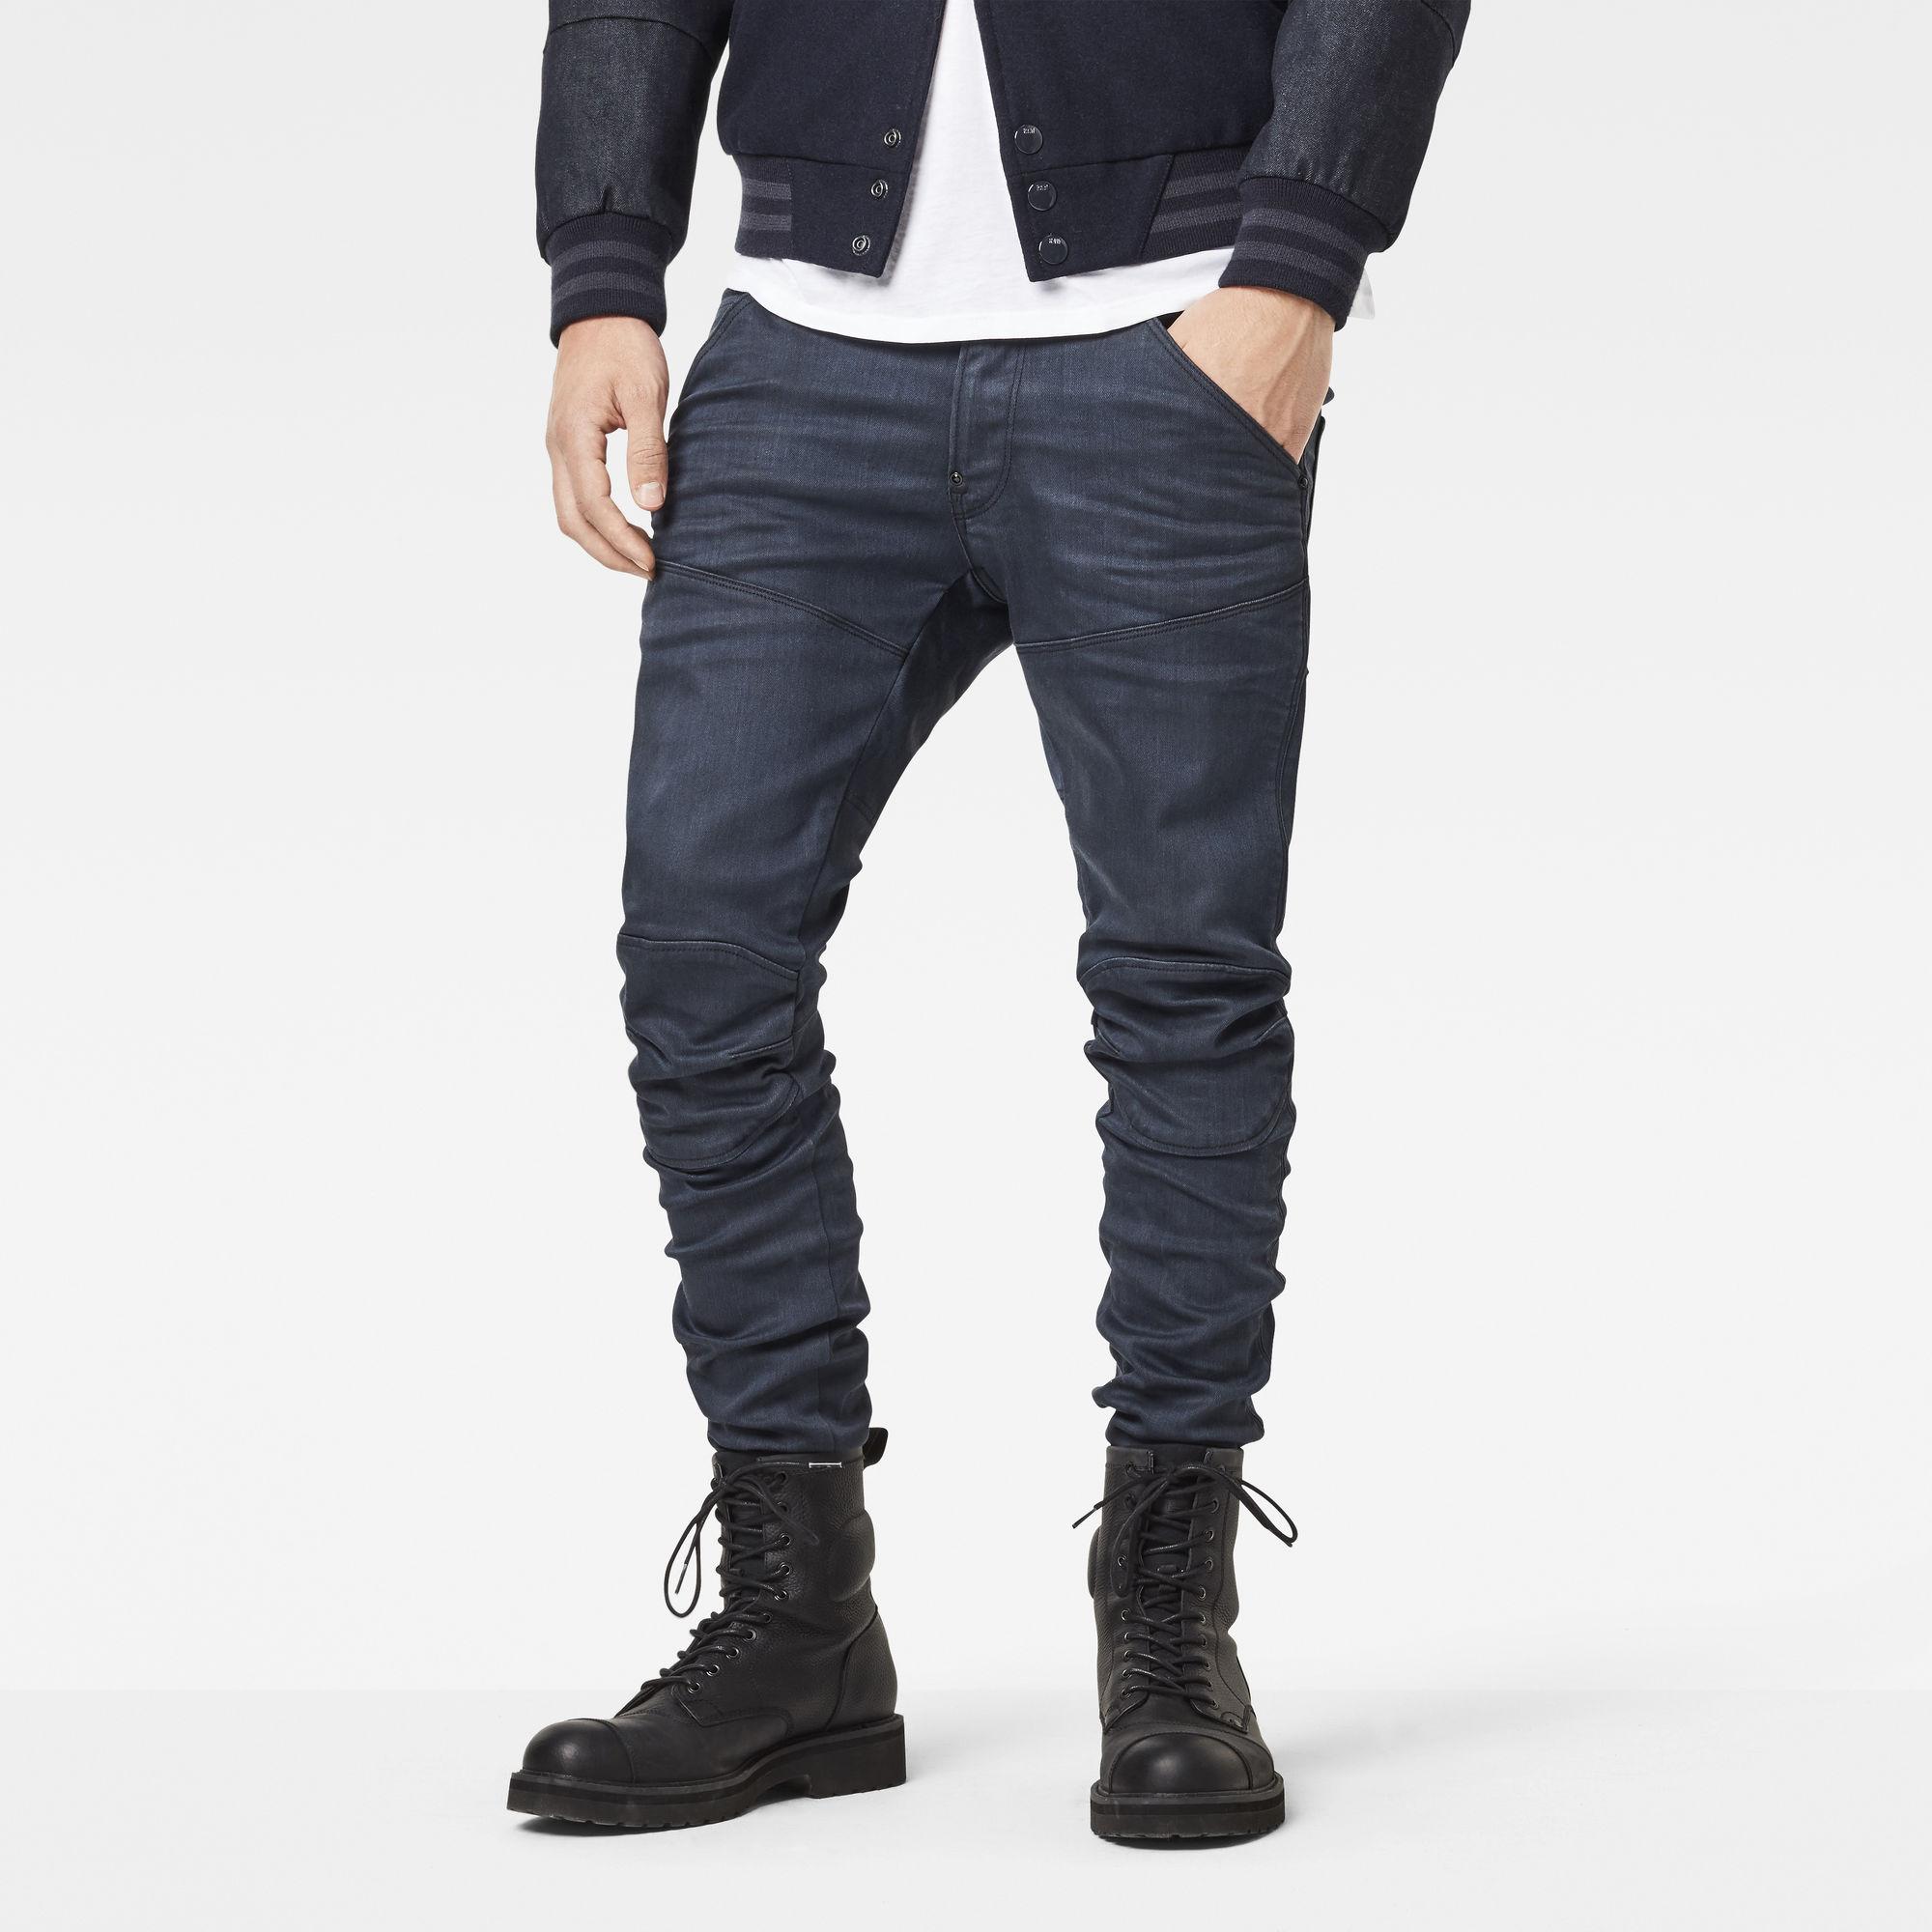 5620 G-Star Elwood 3D Super Slim Color Jeans